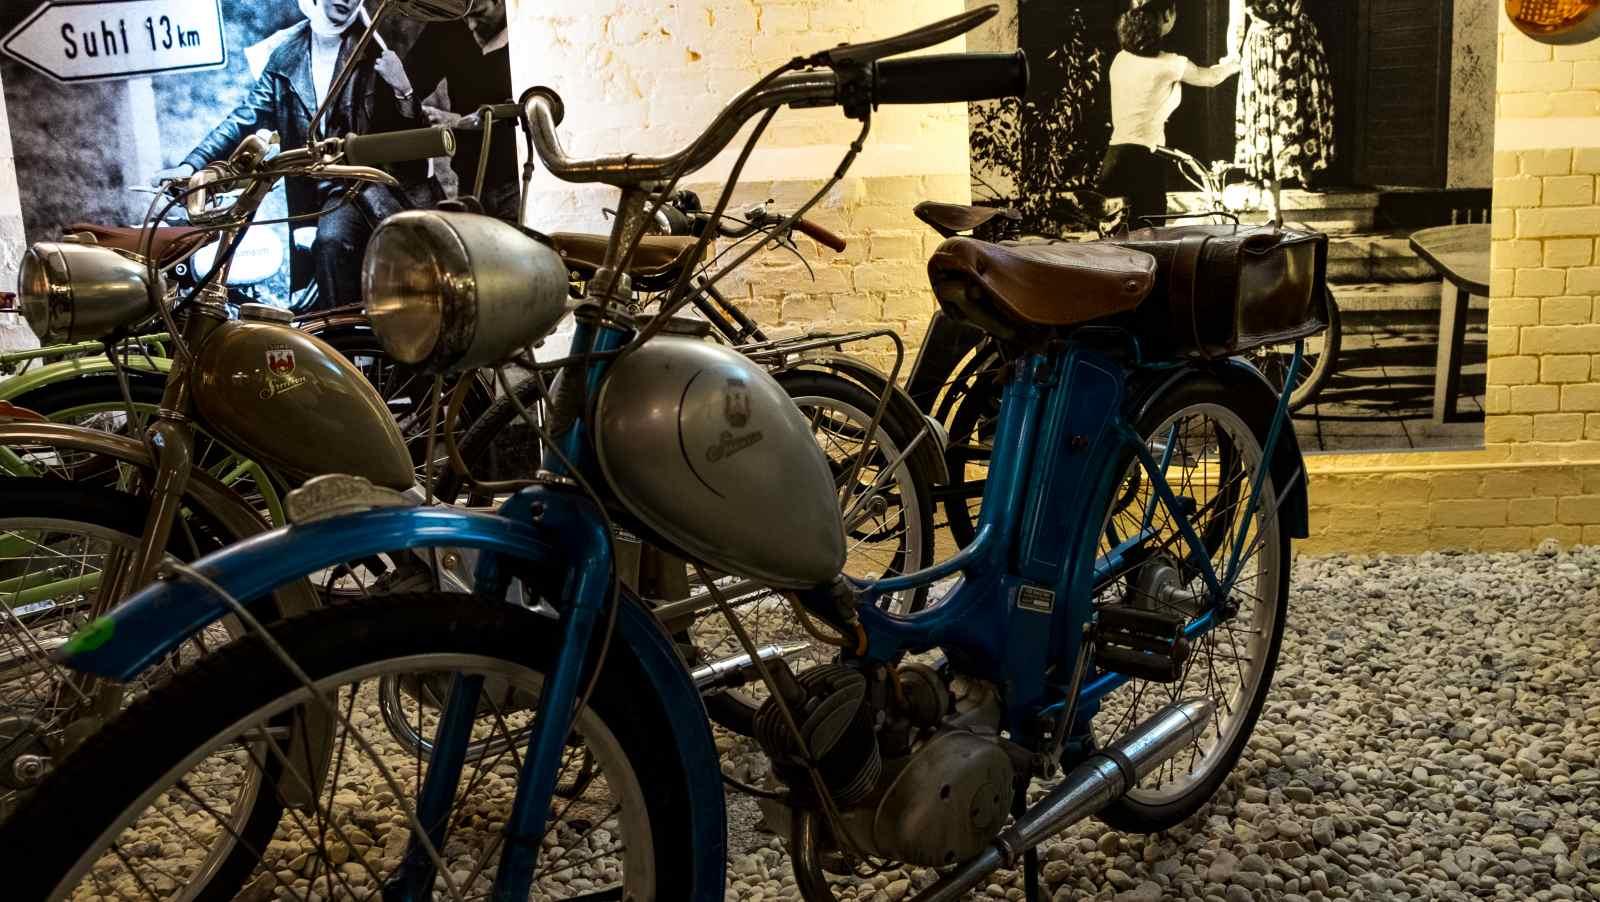 DDR Motorrad Museum